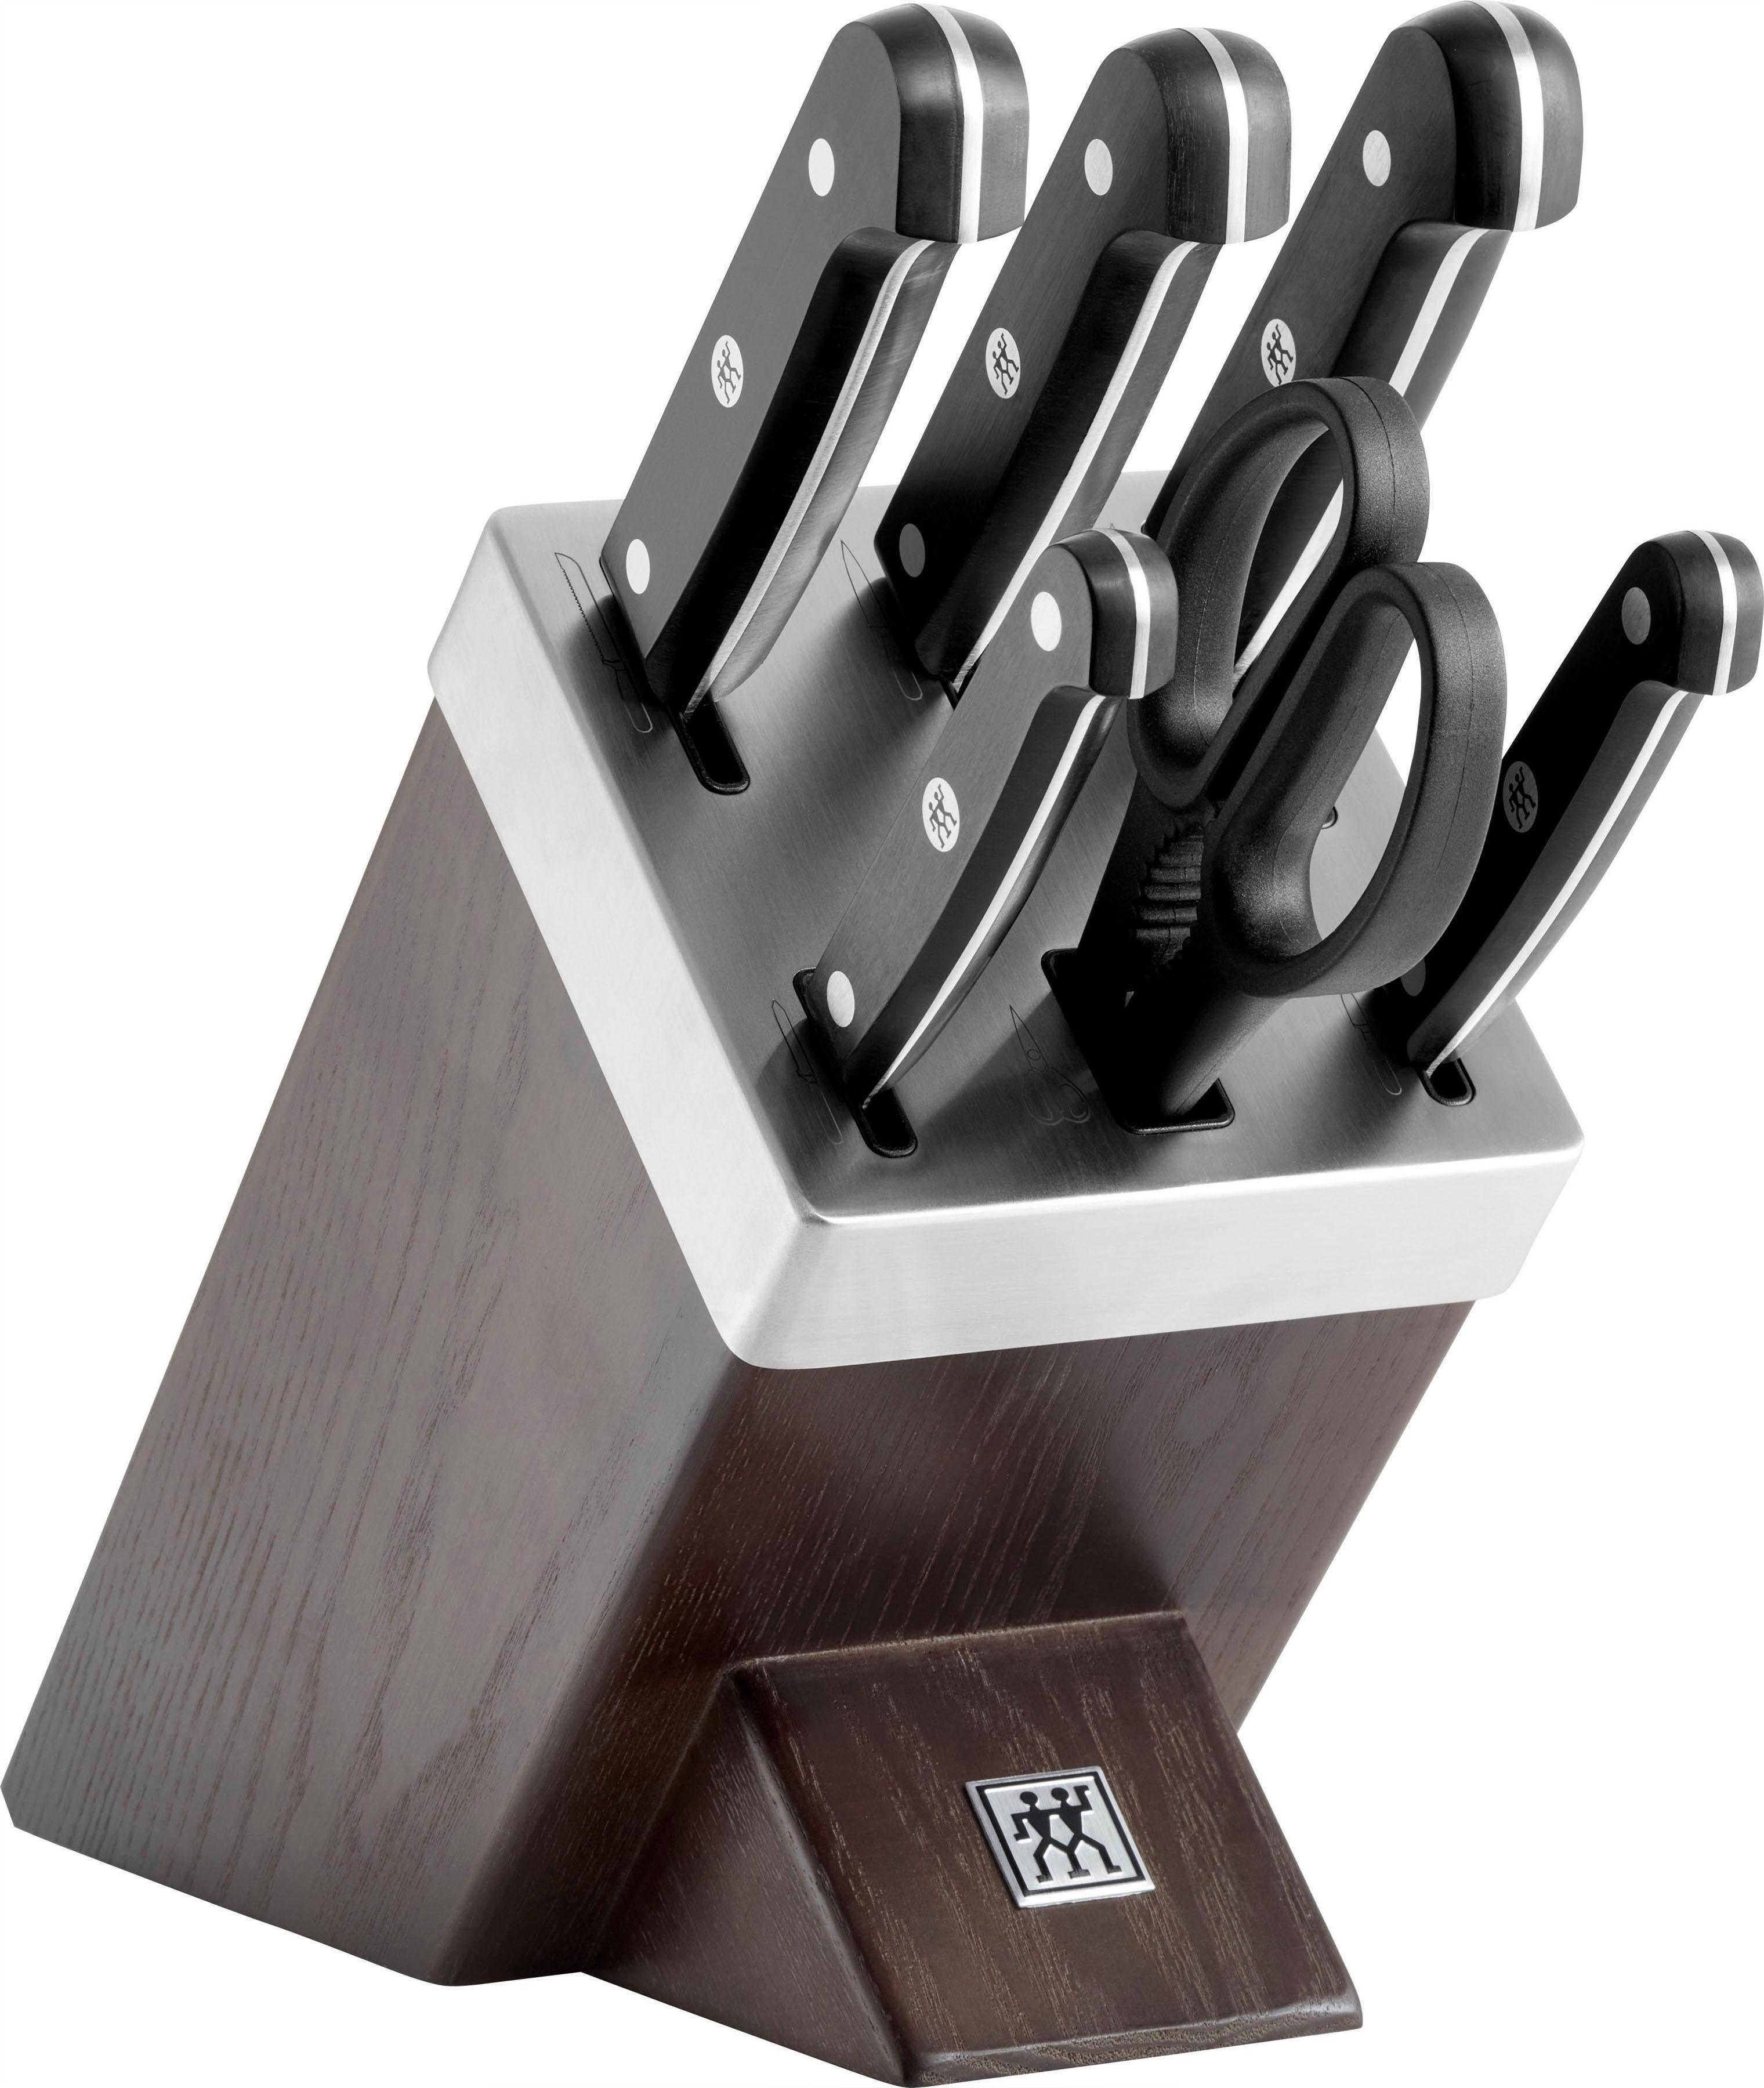 Zwilling Messerblock Gourmet (7tlg) Wohnen/Haushalt/Haushaltswaren/Besteck & Messer/Küchenmesser-Sets/Messerblöcke